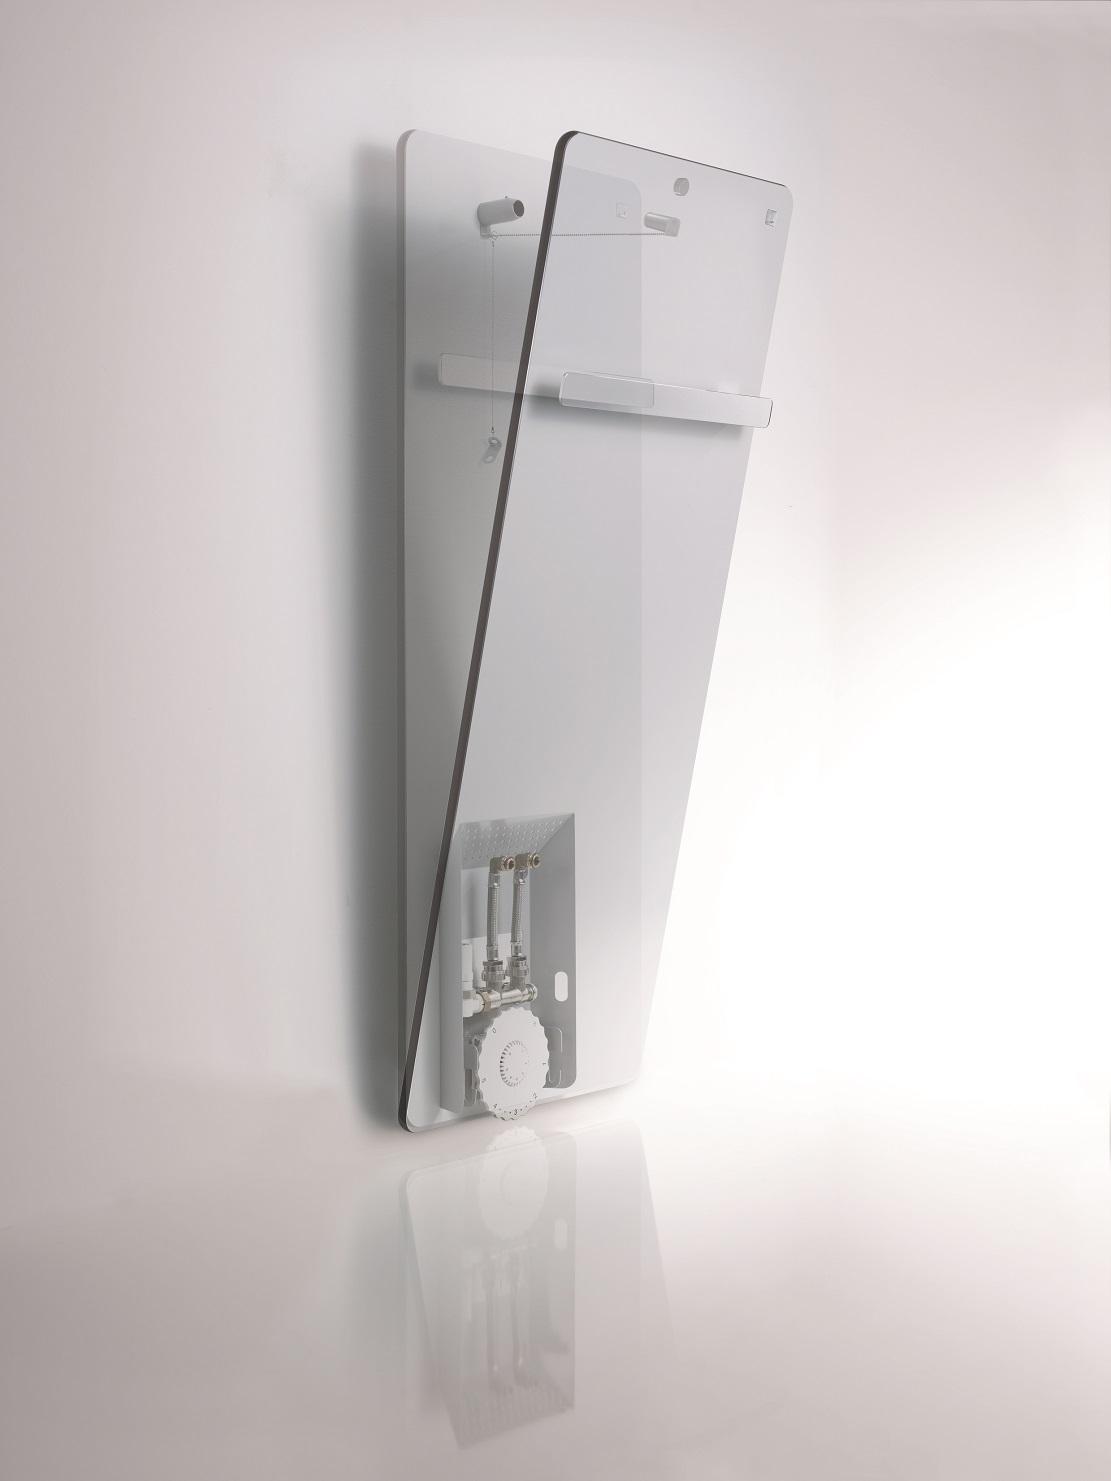 Radiatore di design da bagno commercio idrotermosanitario for Radiatore bagno